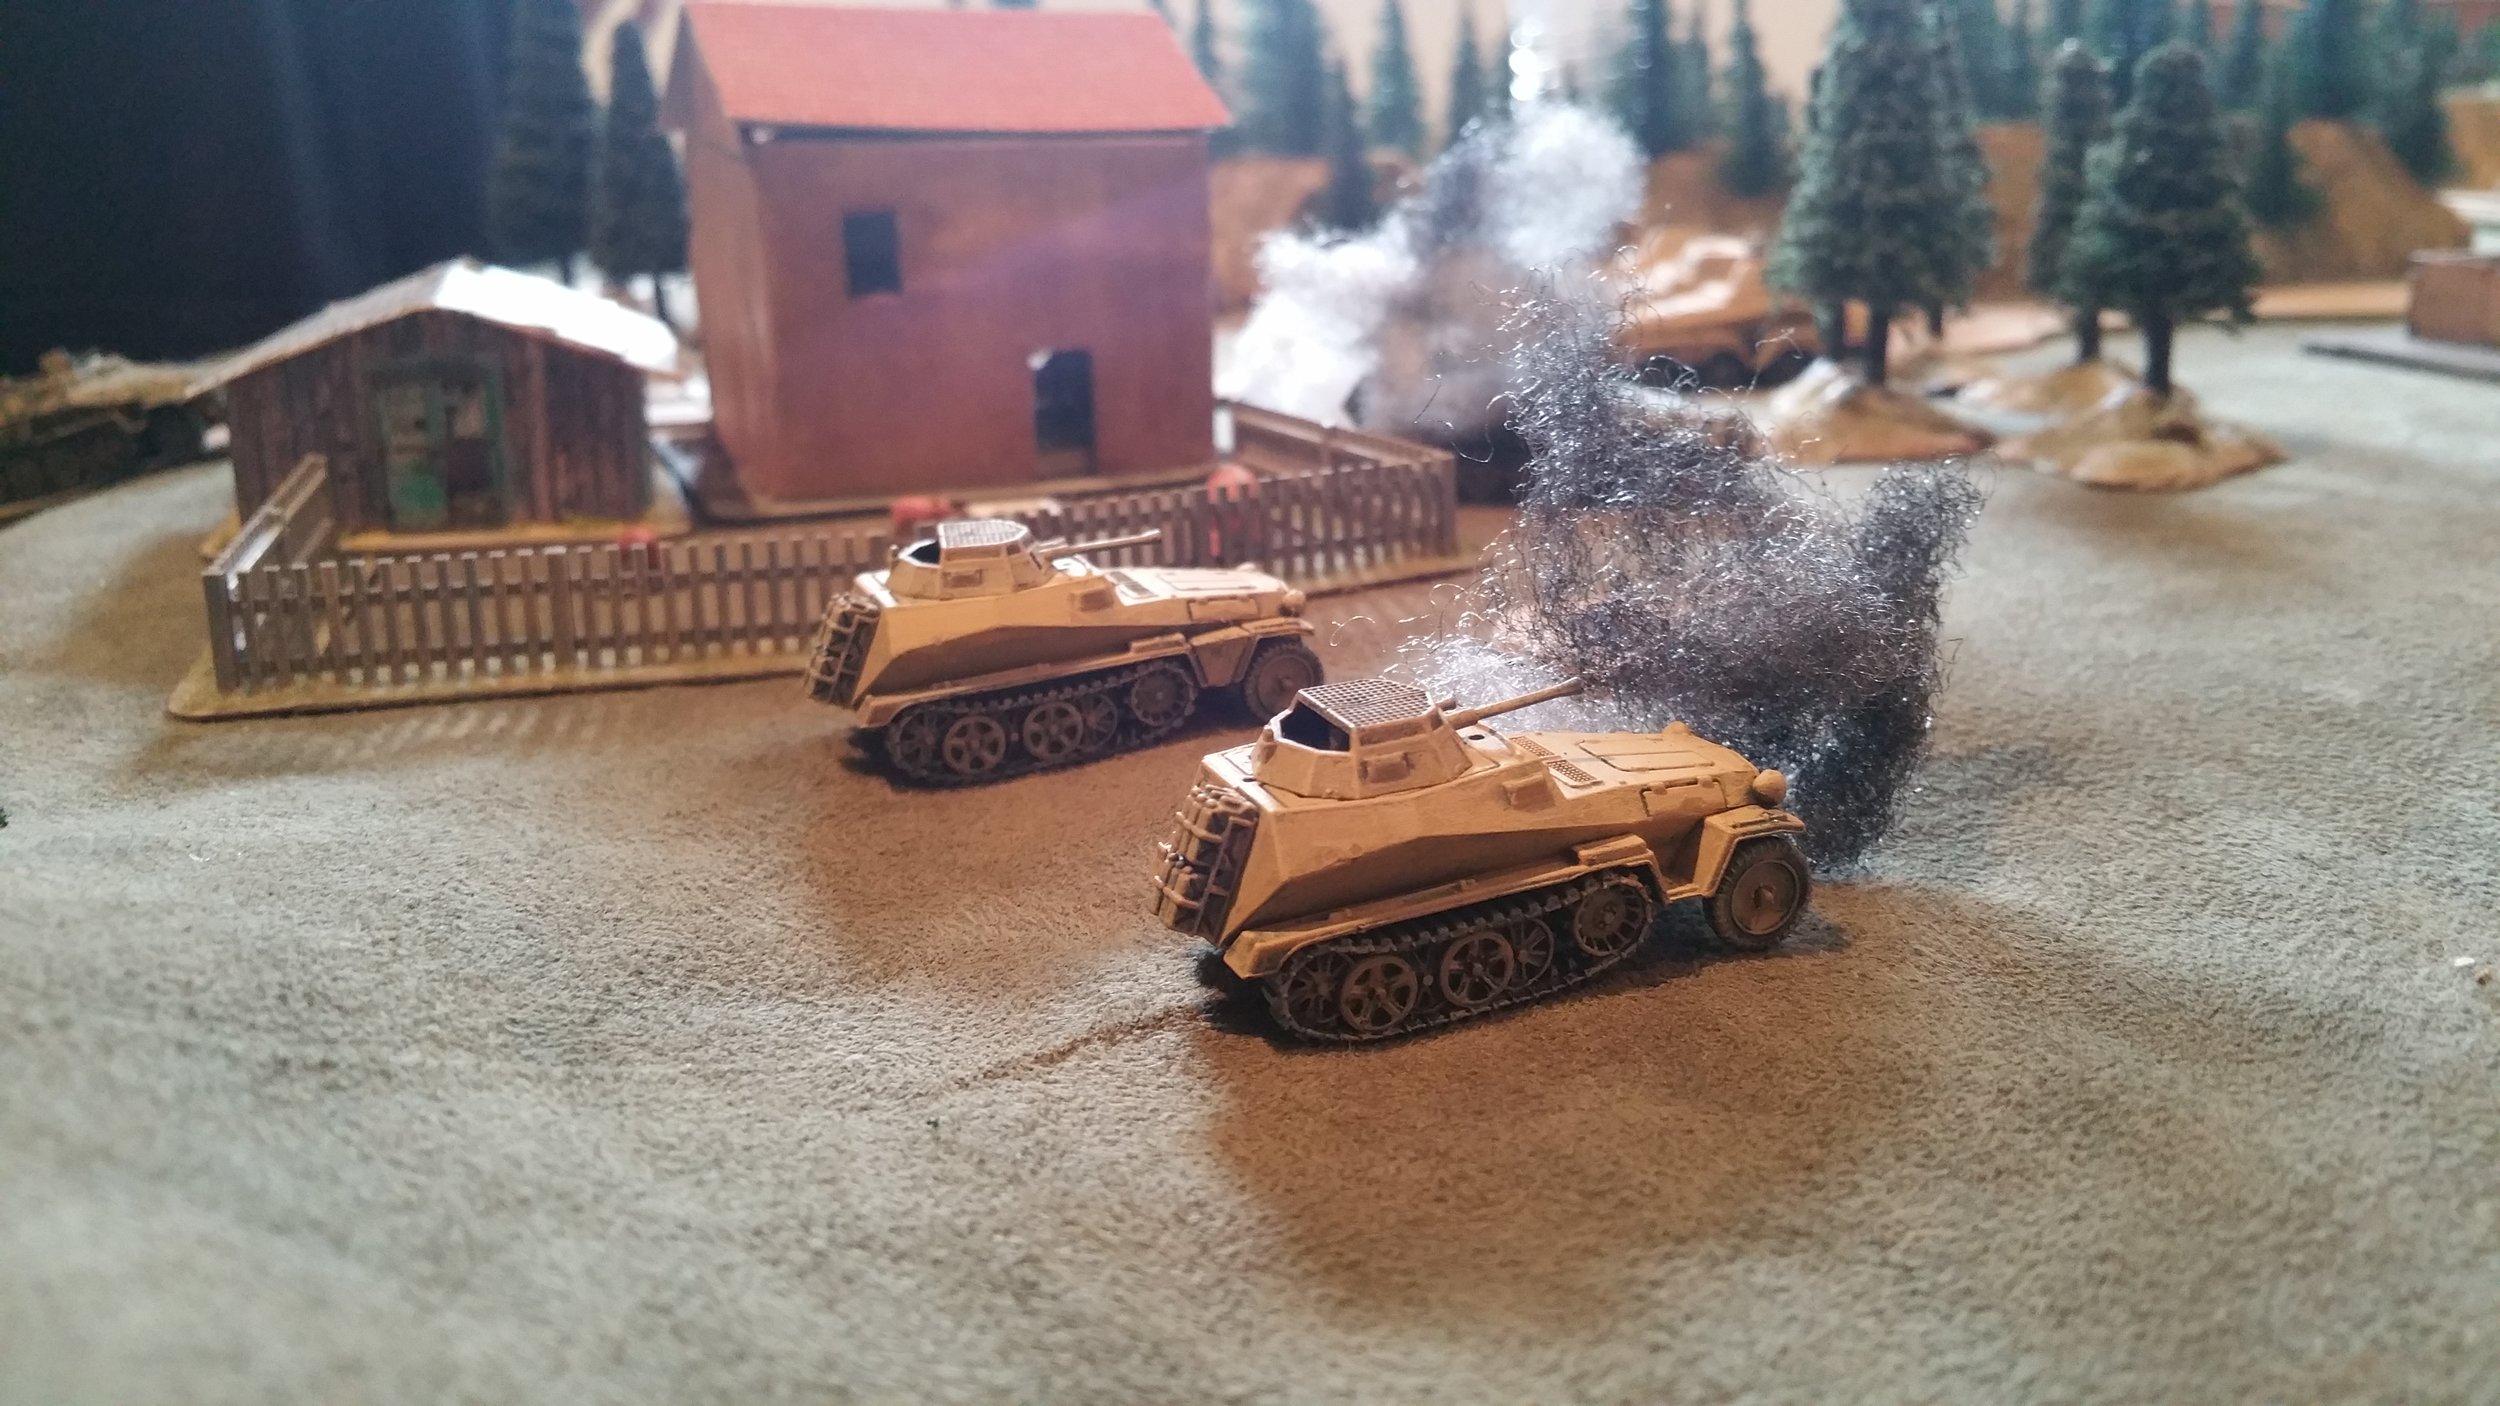 Sdkfz 251s Get Clobbered Too